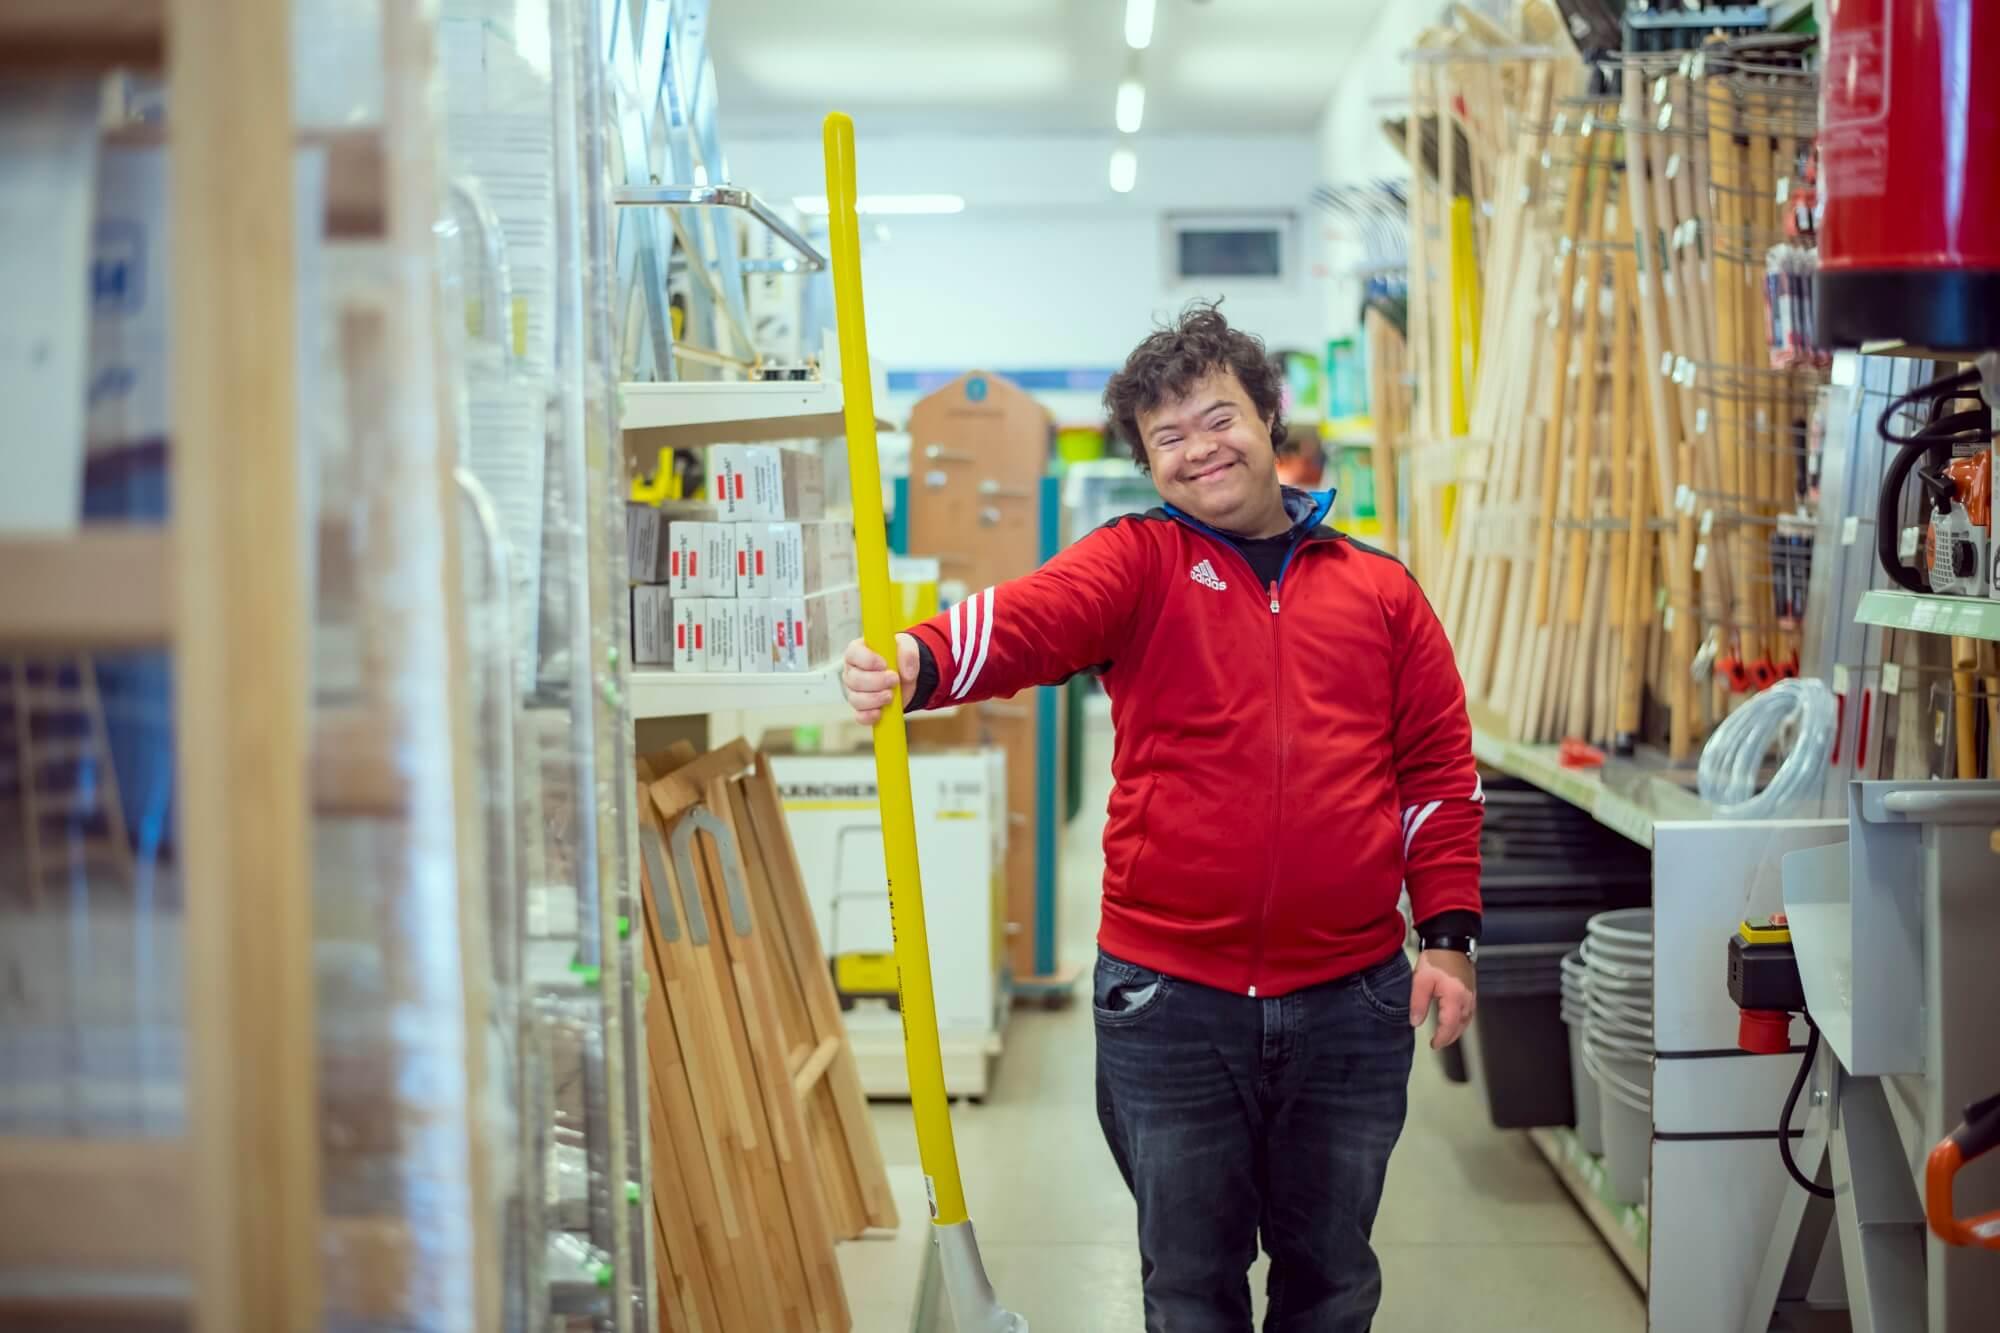 Ein junger Mann mit Behinderung hält eine Schaufel in einem Baumarkt und lächelt.